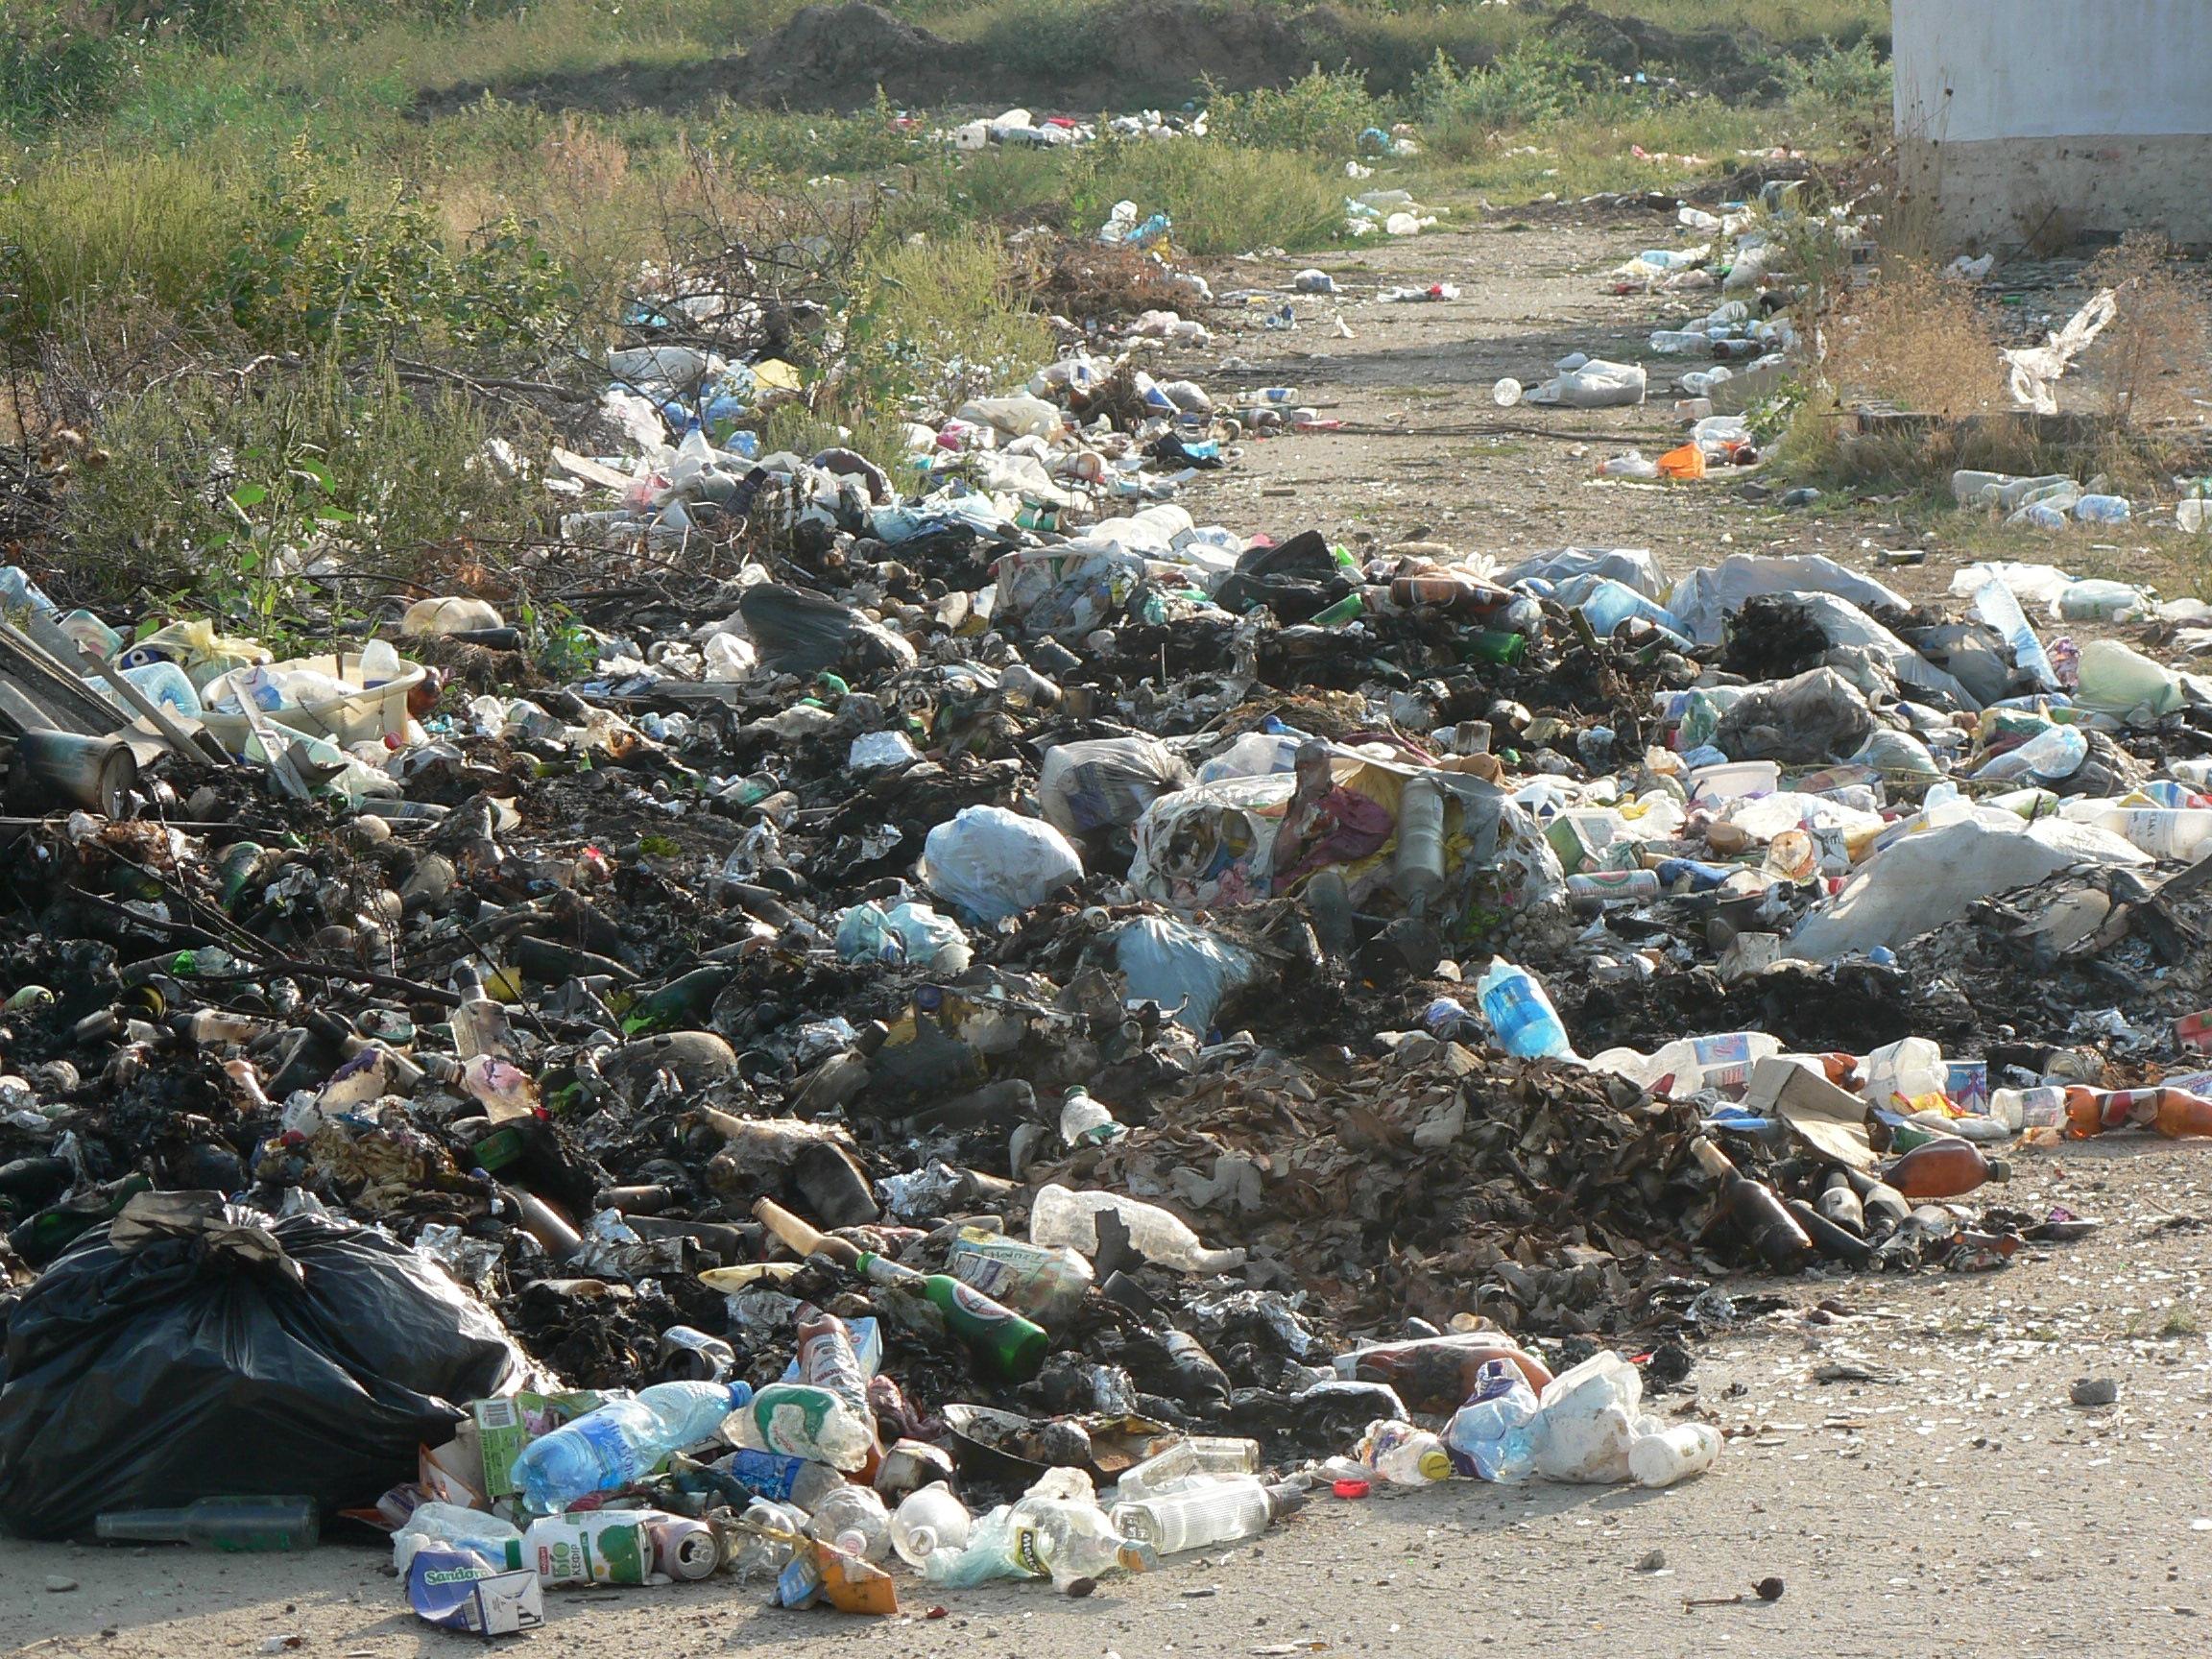 Wilde Müllkippe auf der Krim neben Campingplatz, angezündet (2003)